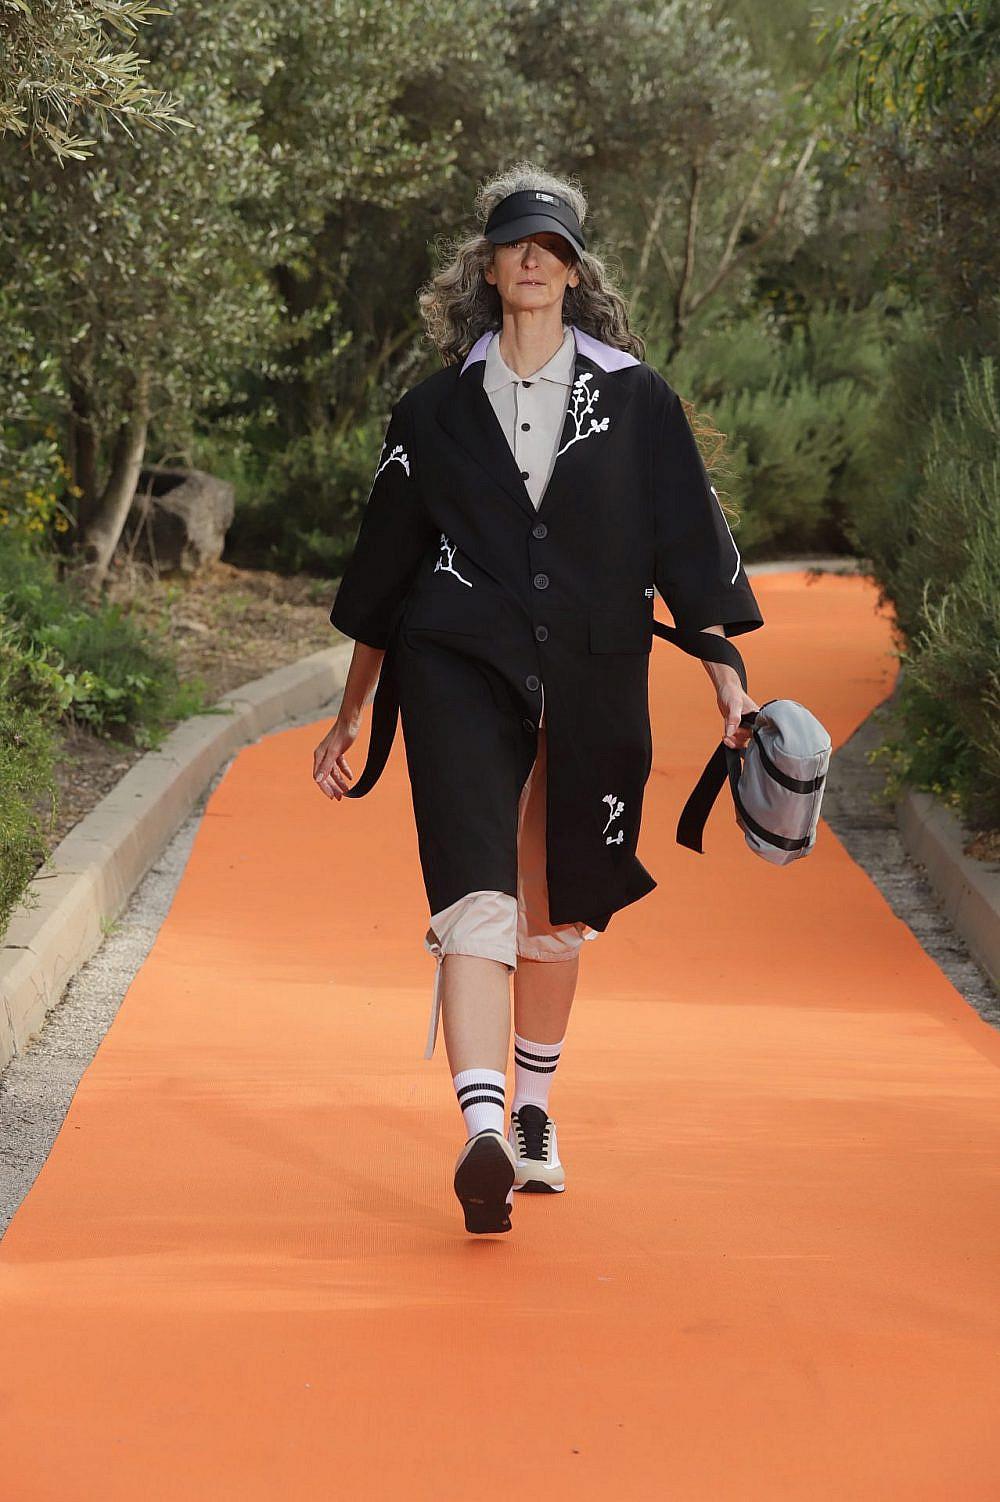 התצוגה של אור אידלמן בשבוע האופנה תל אביב קורנית 2021 | צילום: אבי ולדמן